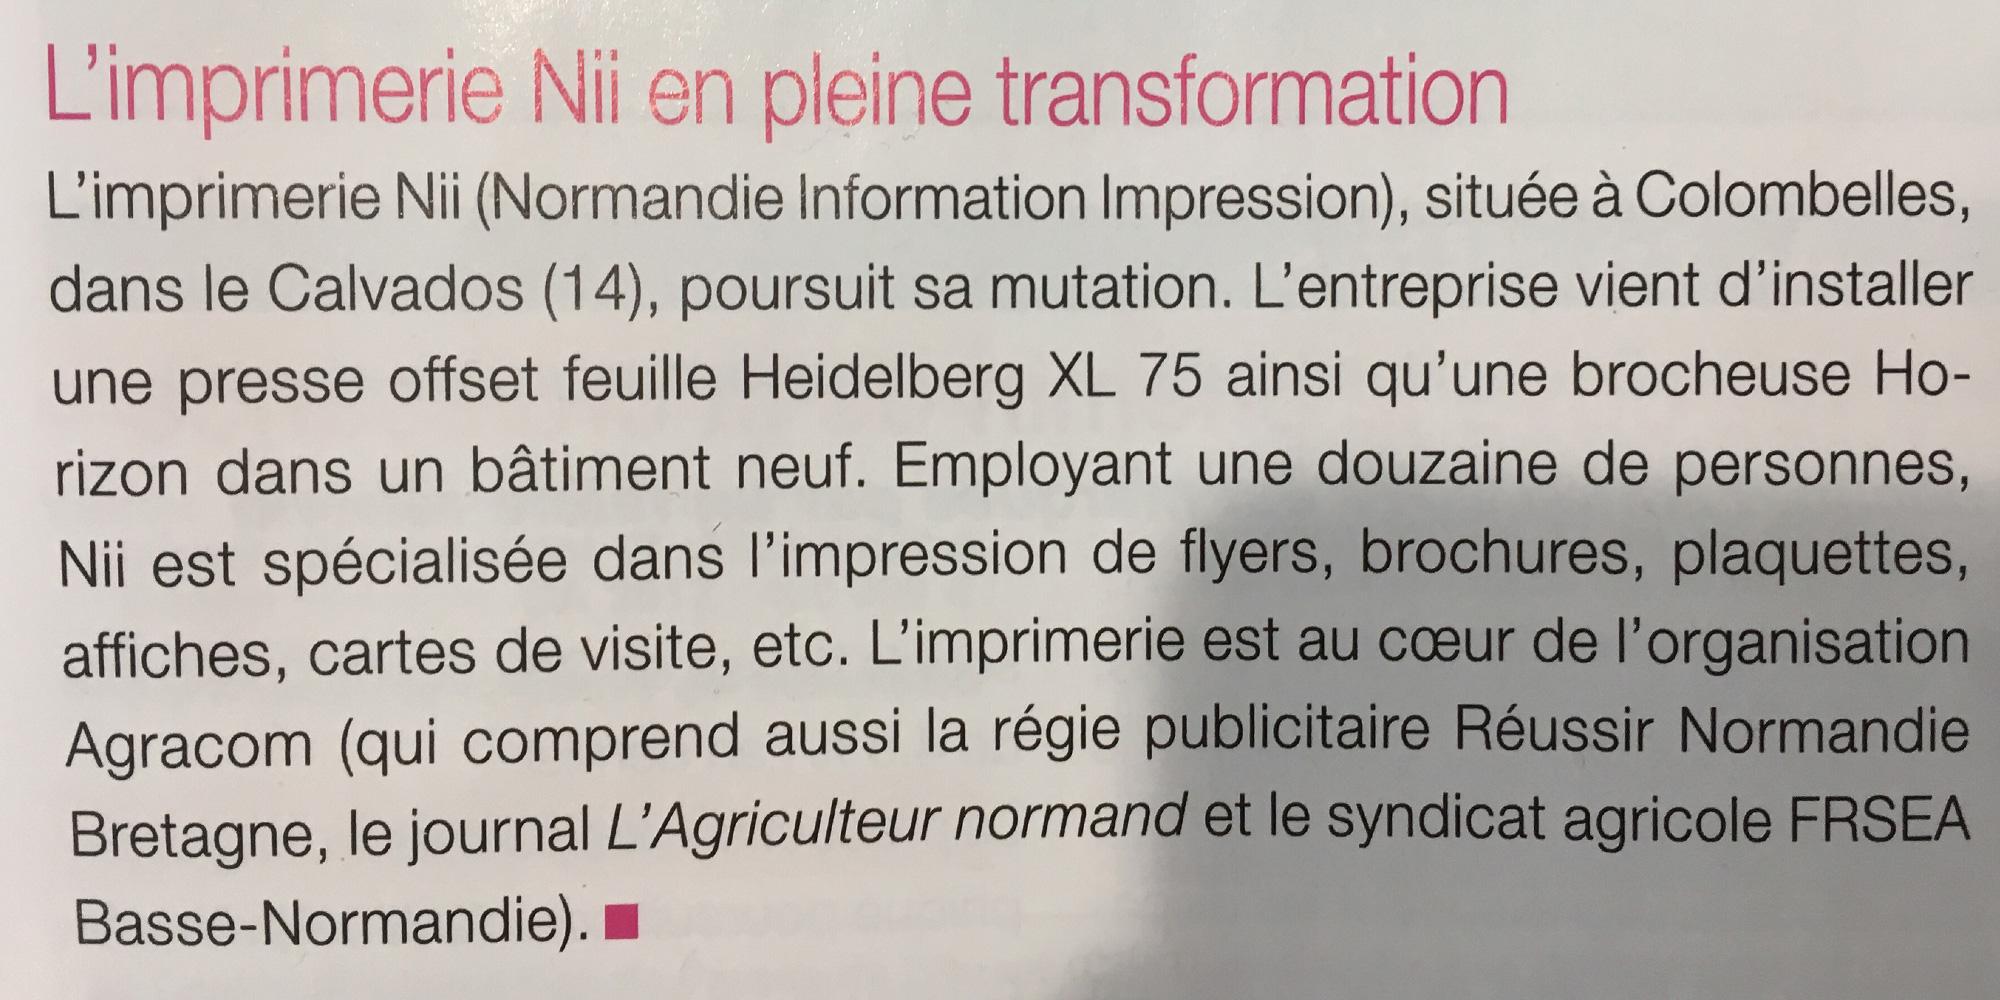 Article imprimerie Nii